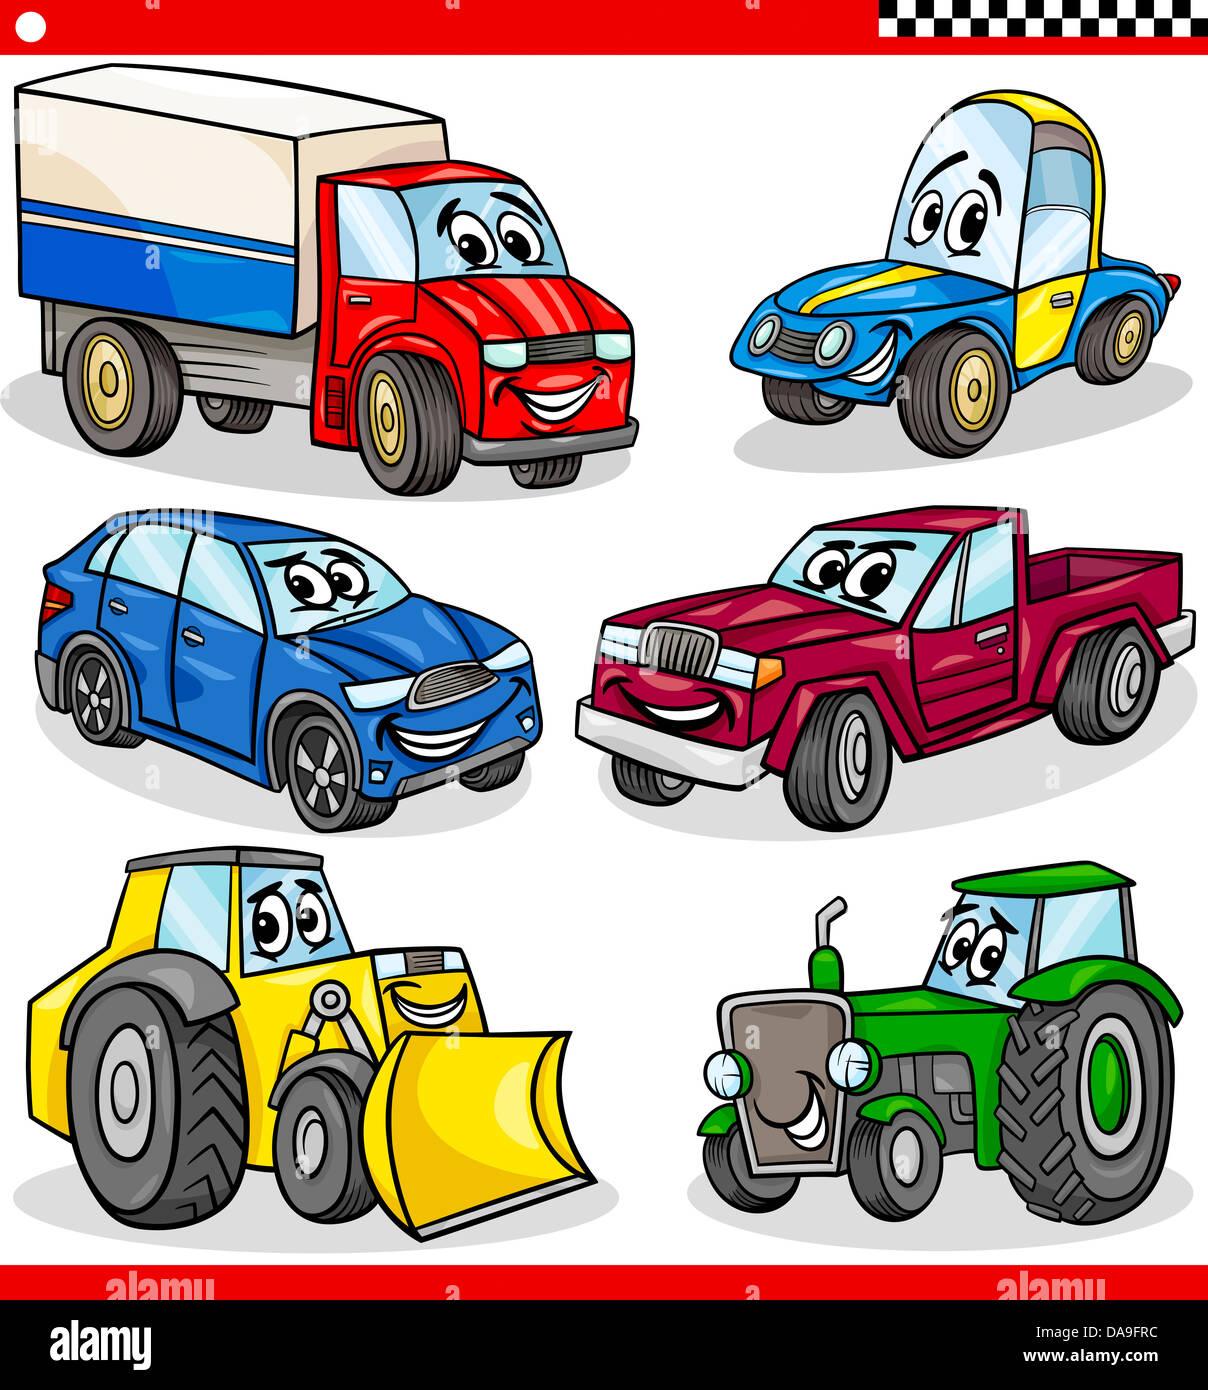 Ilustración De Dibujos Animados De Coches Y Camiones Vehículos Y Máquinas Personajes De Historietas Para Niños Fotografía De Stock Alamy